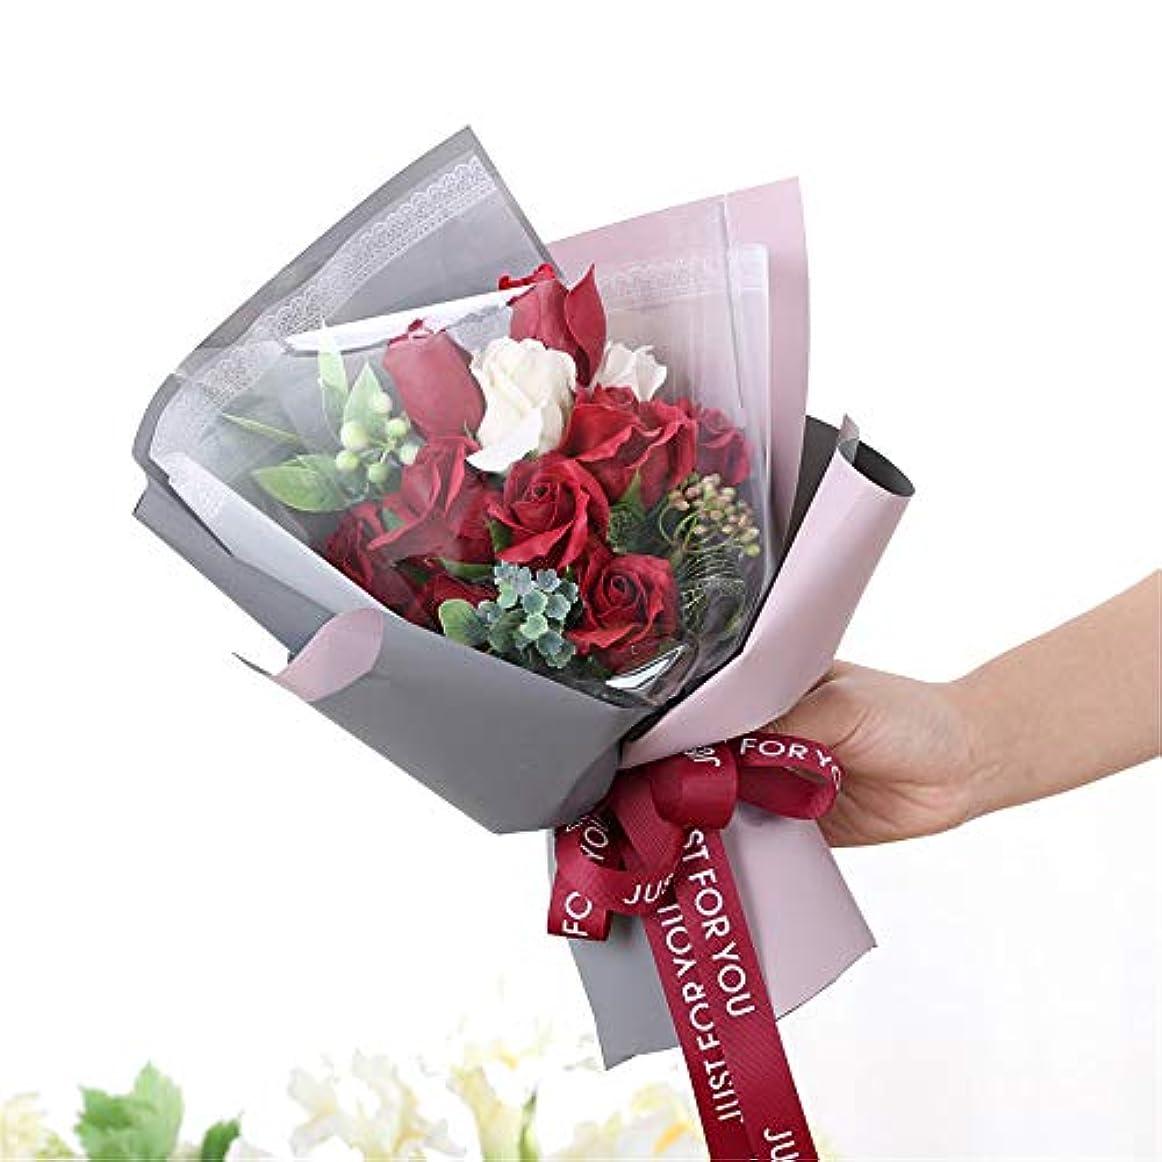 然とした皮邪魔手作りのバラ石鹸フラワーブーケのギフトボックス、女性のためのギフトバレンタインデー、母の日、結婚式、クリスマス、誕生日を愛した女の子 (色 : 赤)